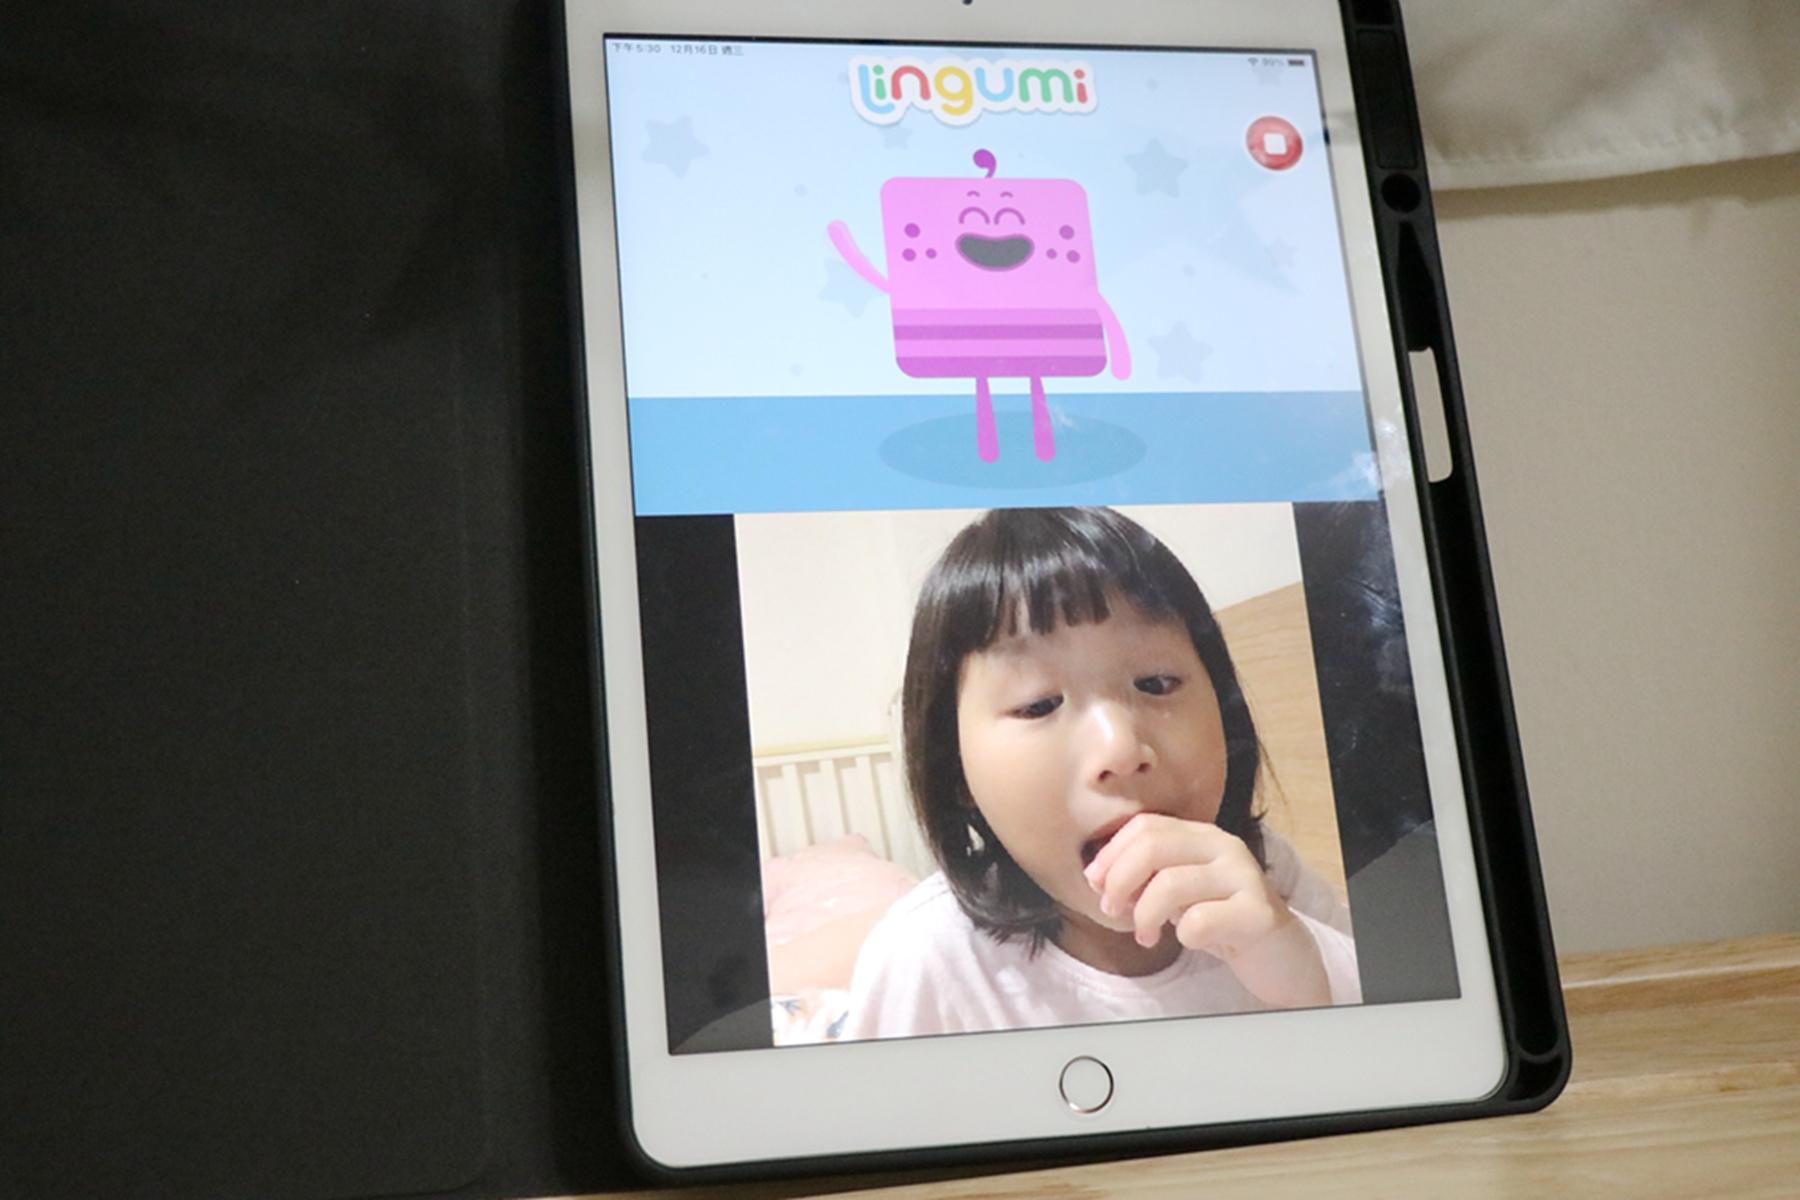 Lingumi -幼兒英語學習啟蒙推薦。來自英國,沒有壓力的英文學習,每天15分鐘,培養好感